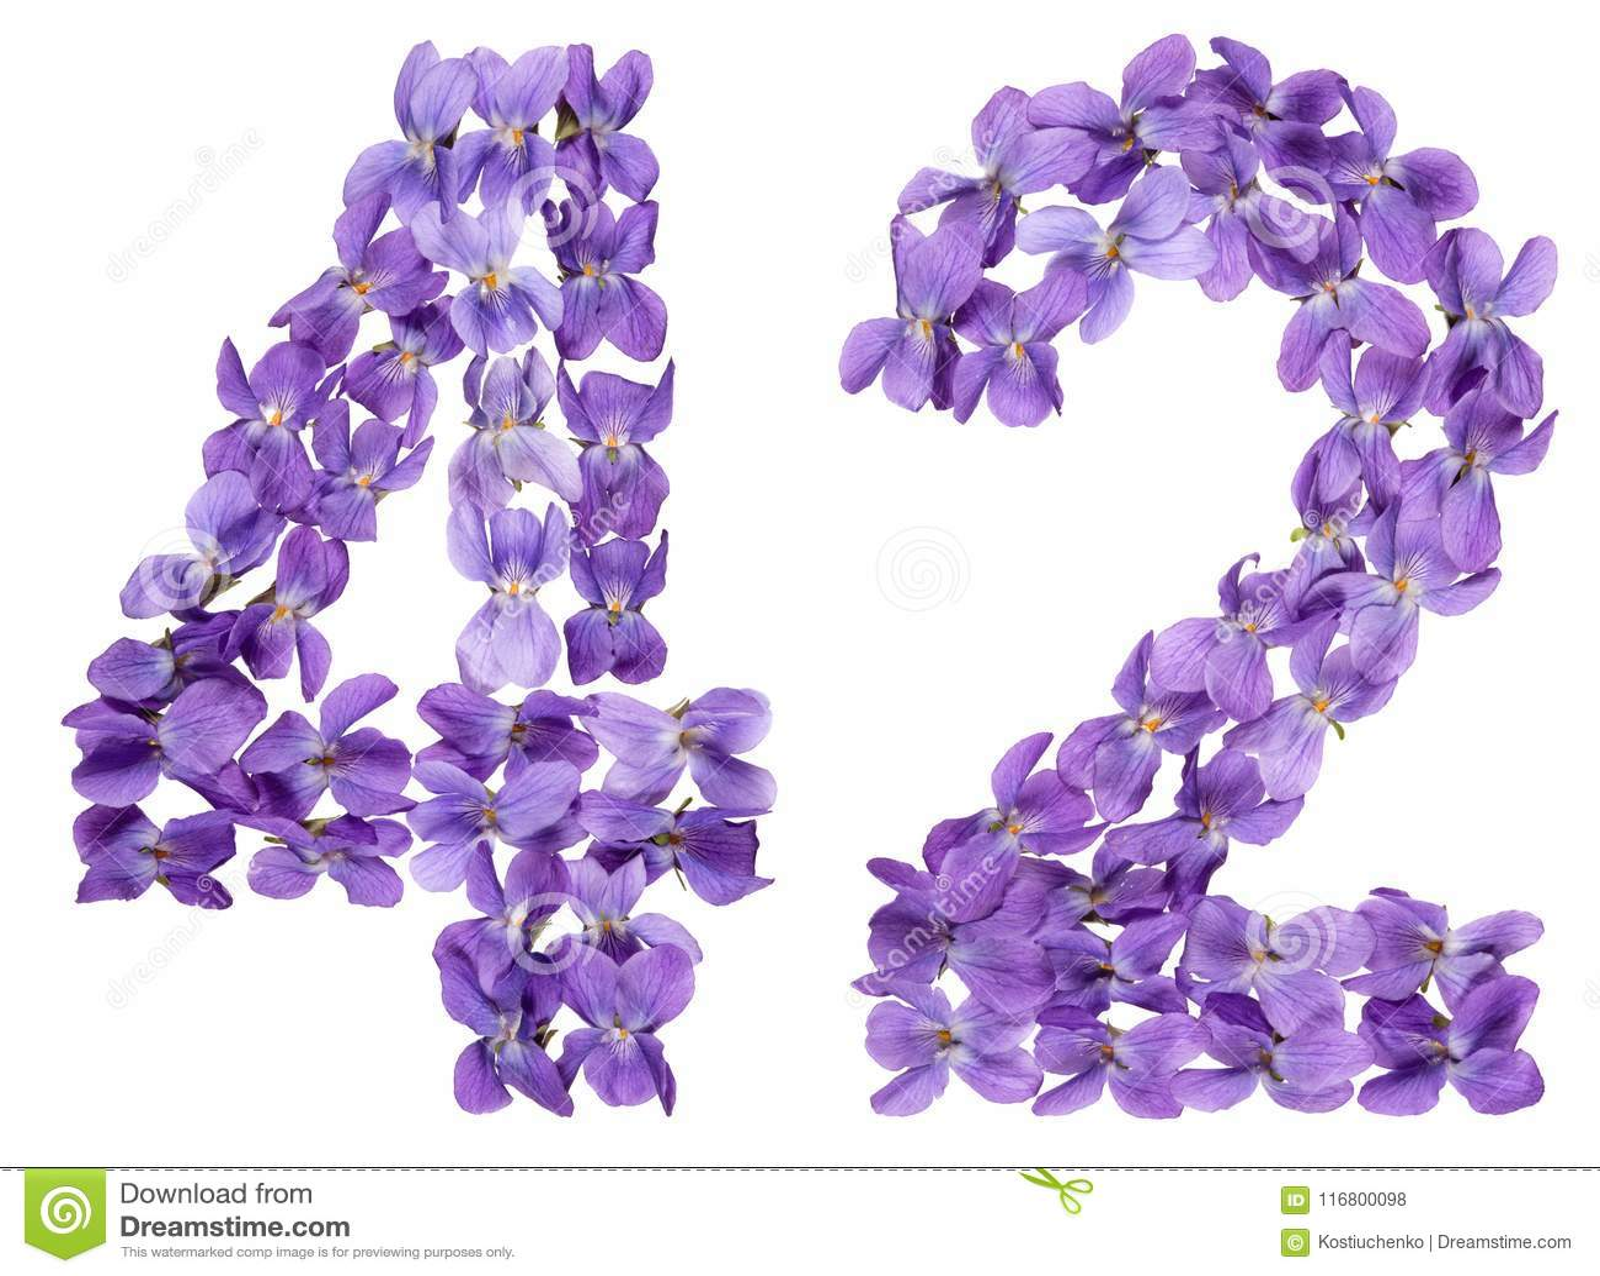 Numero arabo 42, quarantadue, dai fiori della viola, isolati sopra